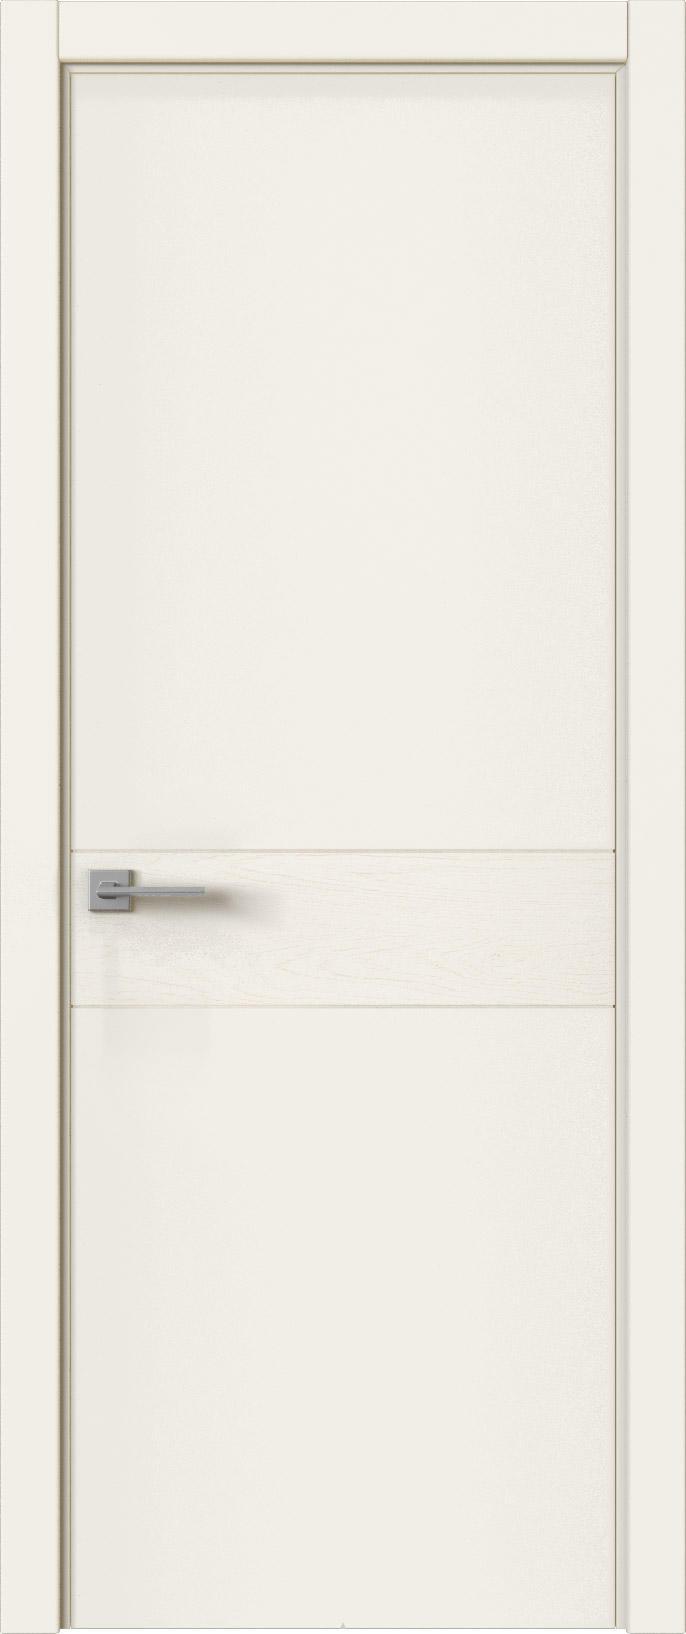 Tivoli И-2 цвет - Бежевая эмаль-эмаль по шпону (RAL 9010) Без стекла (ДГ)